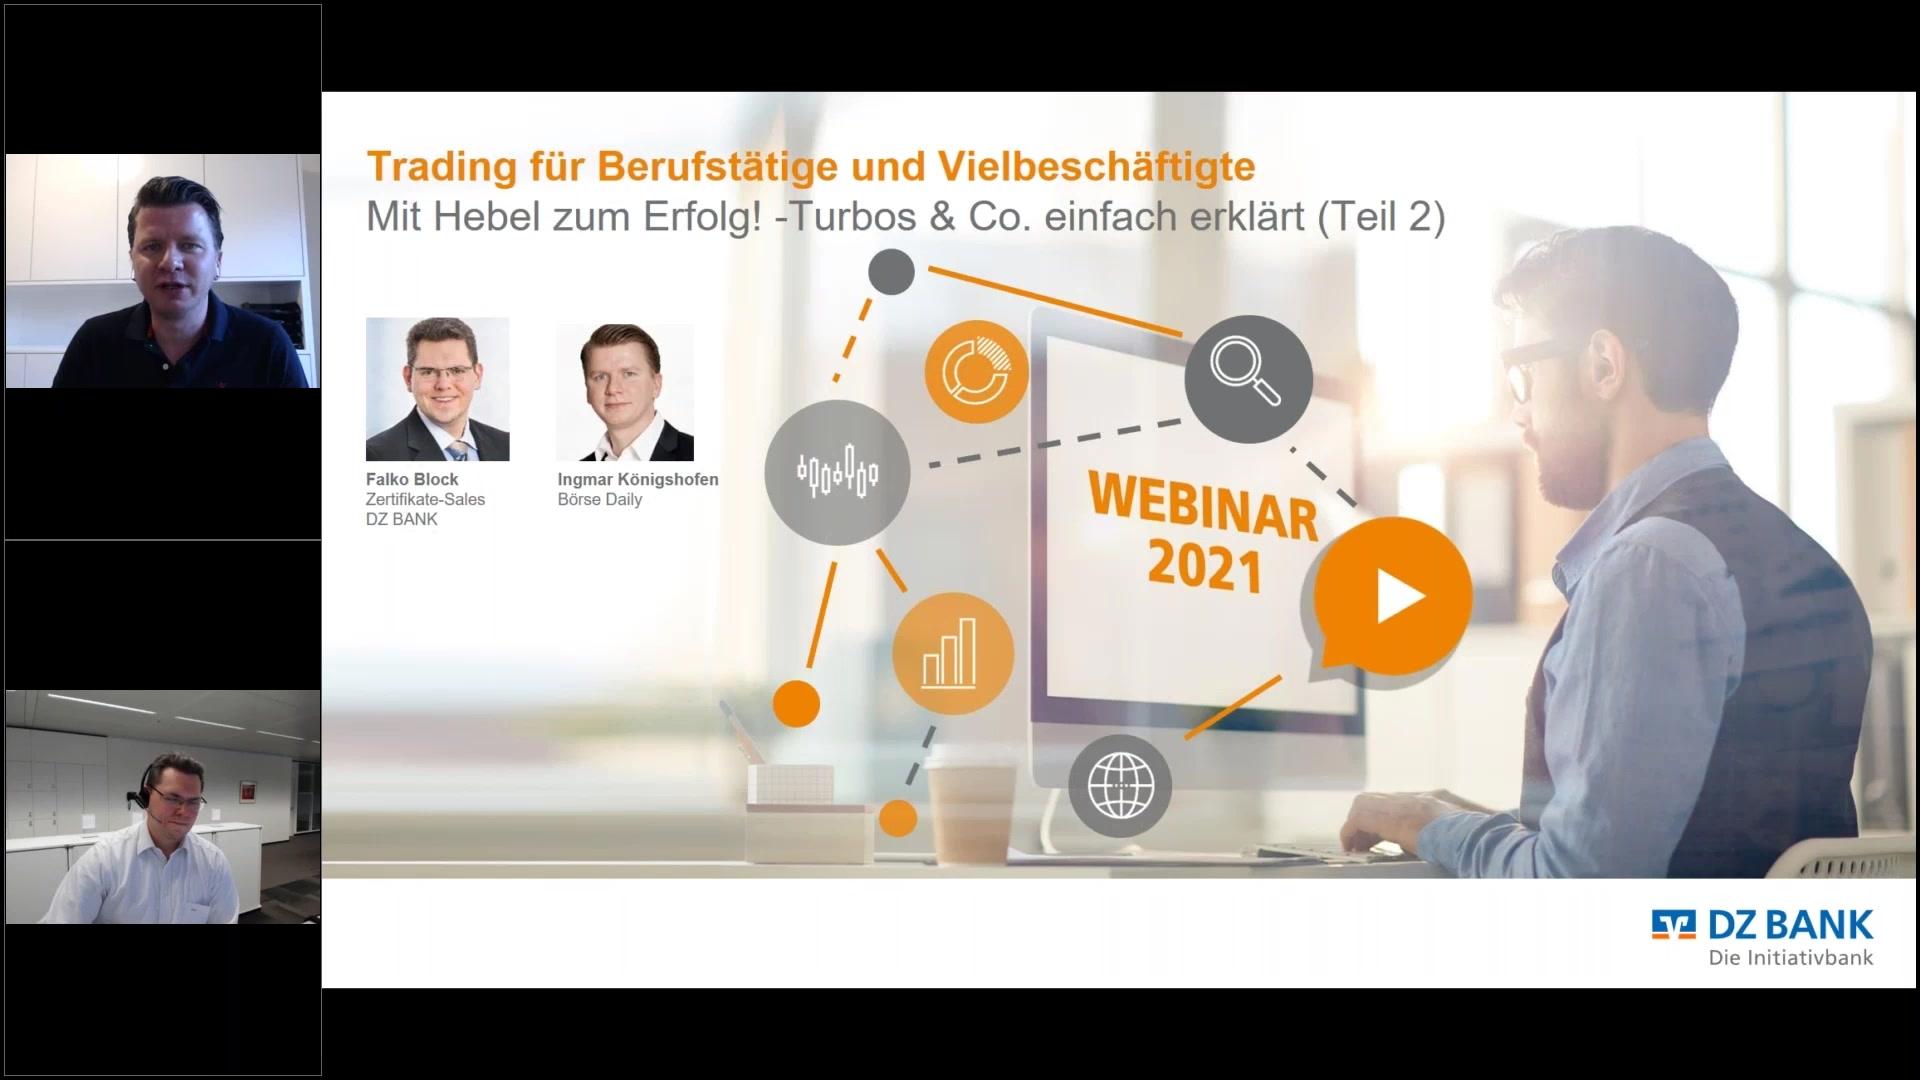 Mit Hebel zum Erfolg! -Turbos & Co. einfach erklärt (Teil 2)